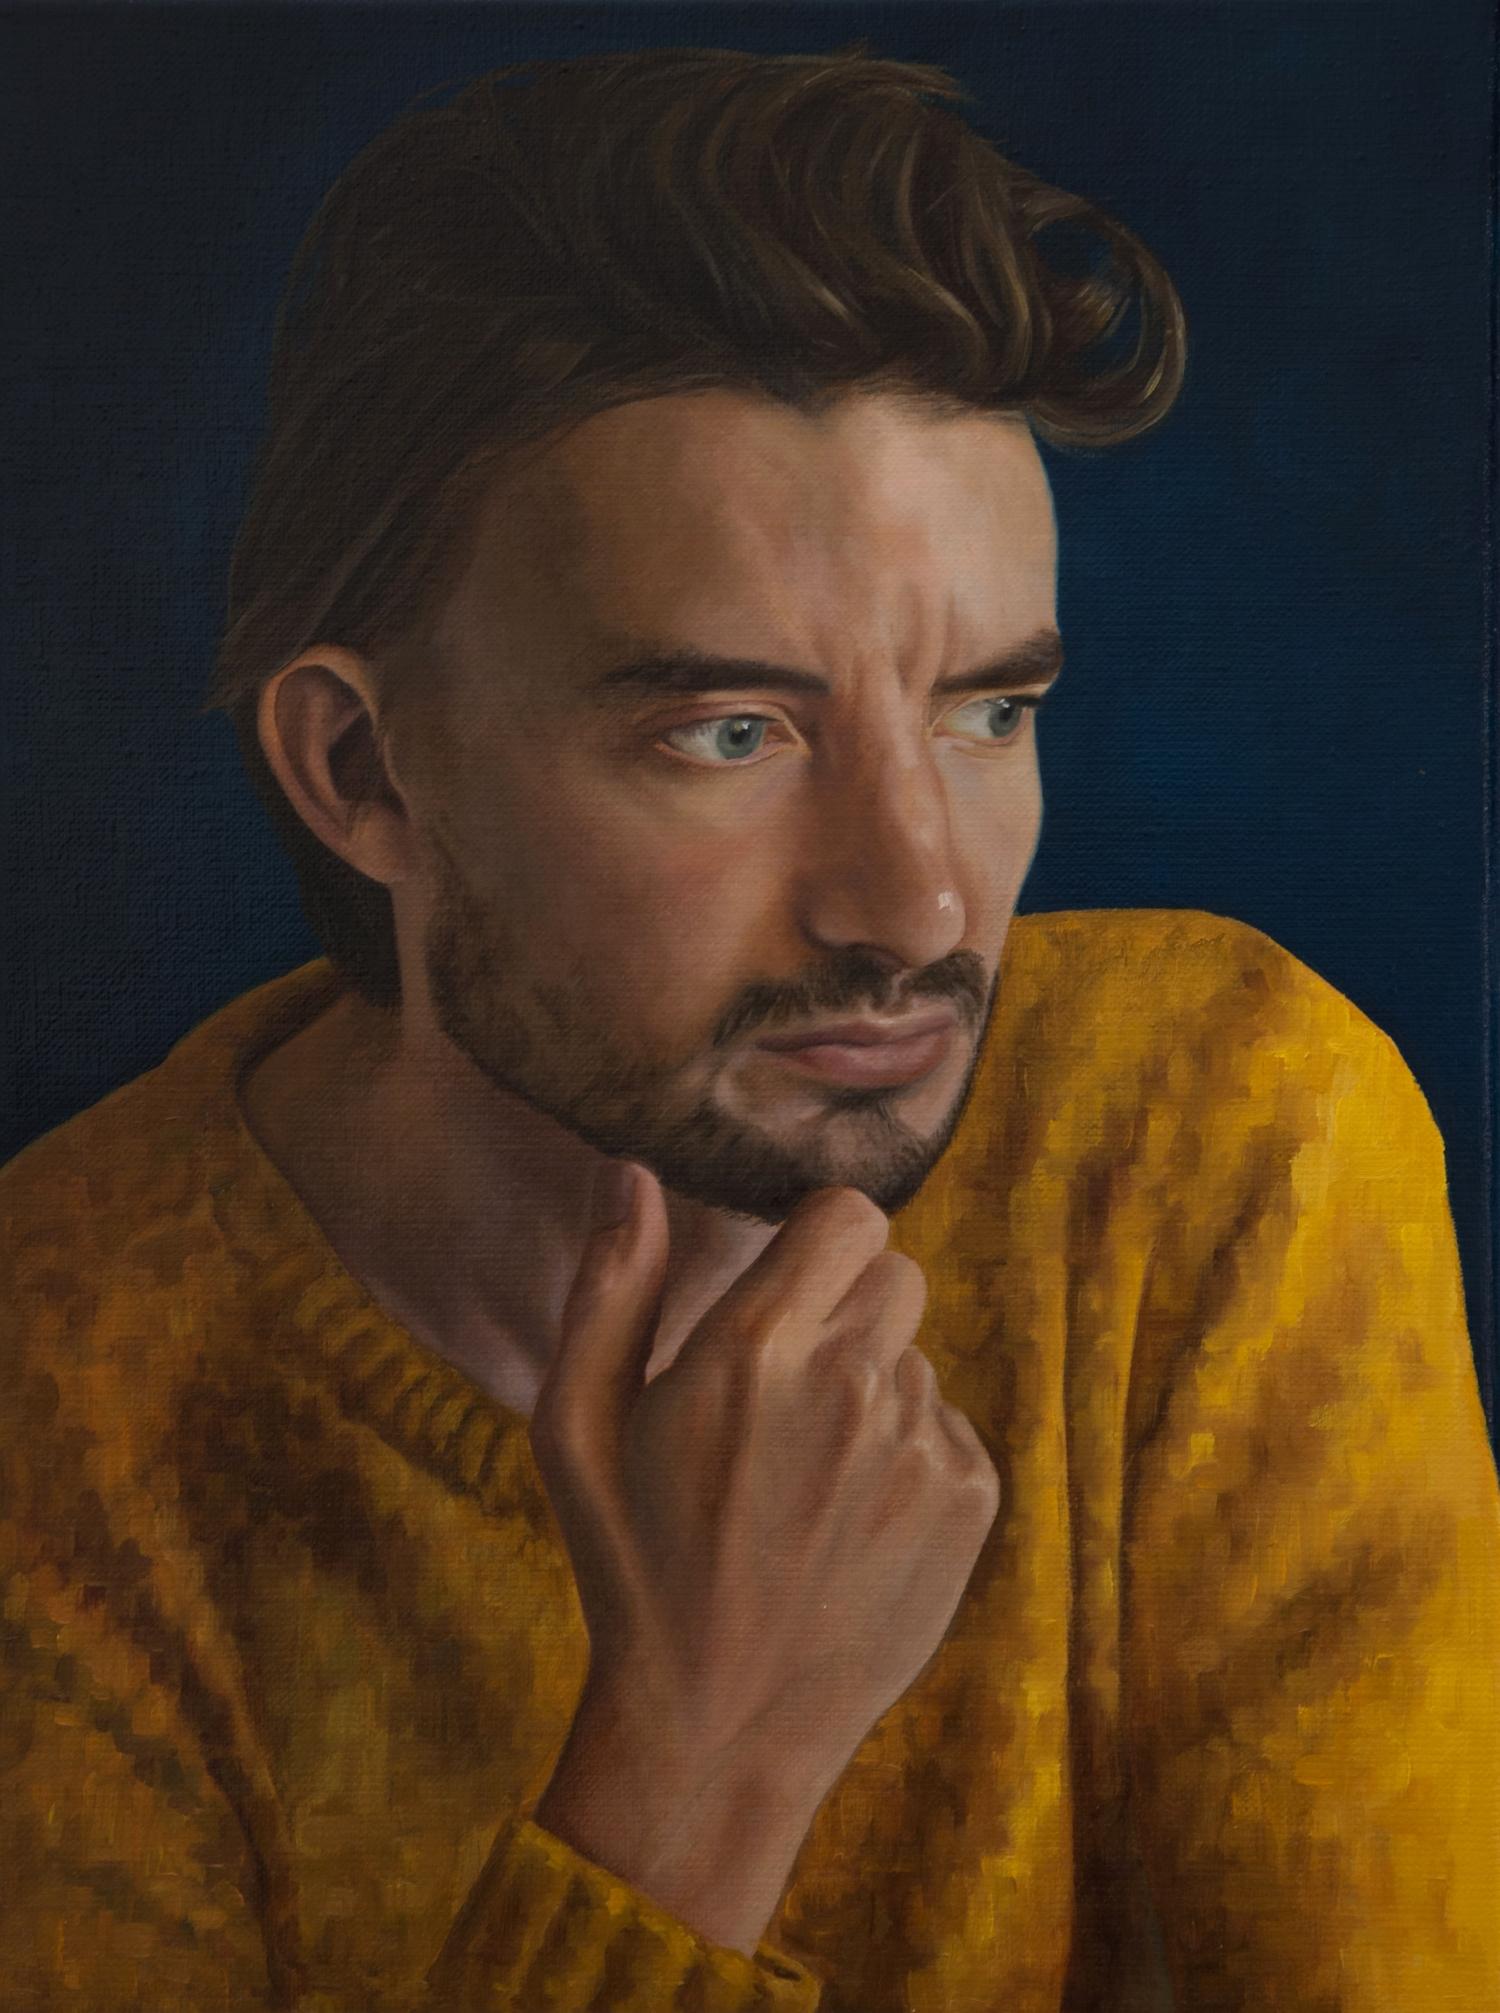 Geschilderd portret - Maarten - Olie op doek